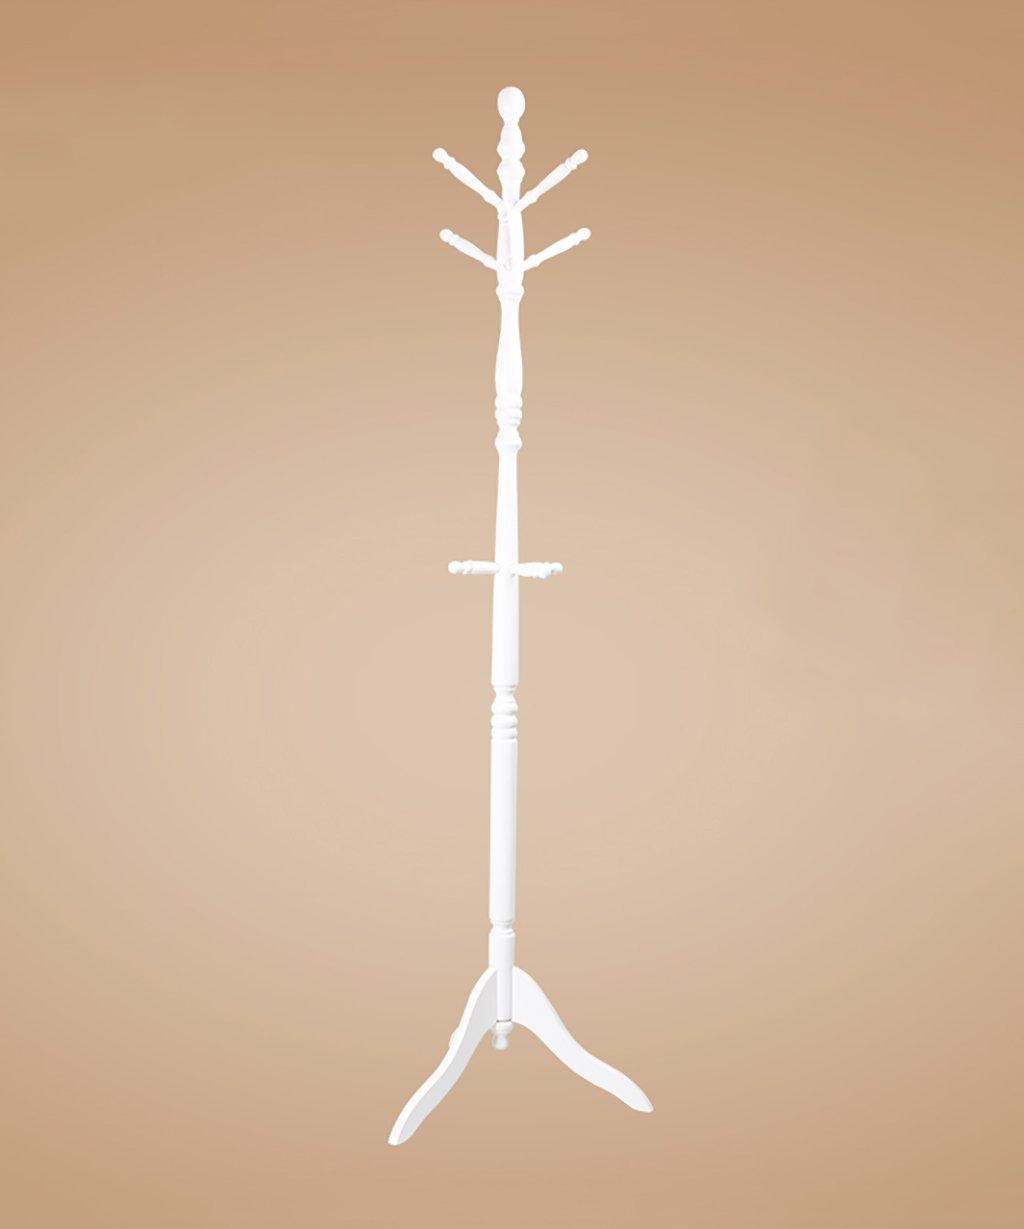 LIANGJUN 床の立っているコートの帽子ラック回転可能な滑り止め無垢材9フック木の小枝形状トライアングルベースサポート2色、50 * 183cm ( 色 : 白 ) B0799B4R7R 白